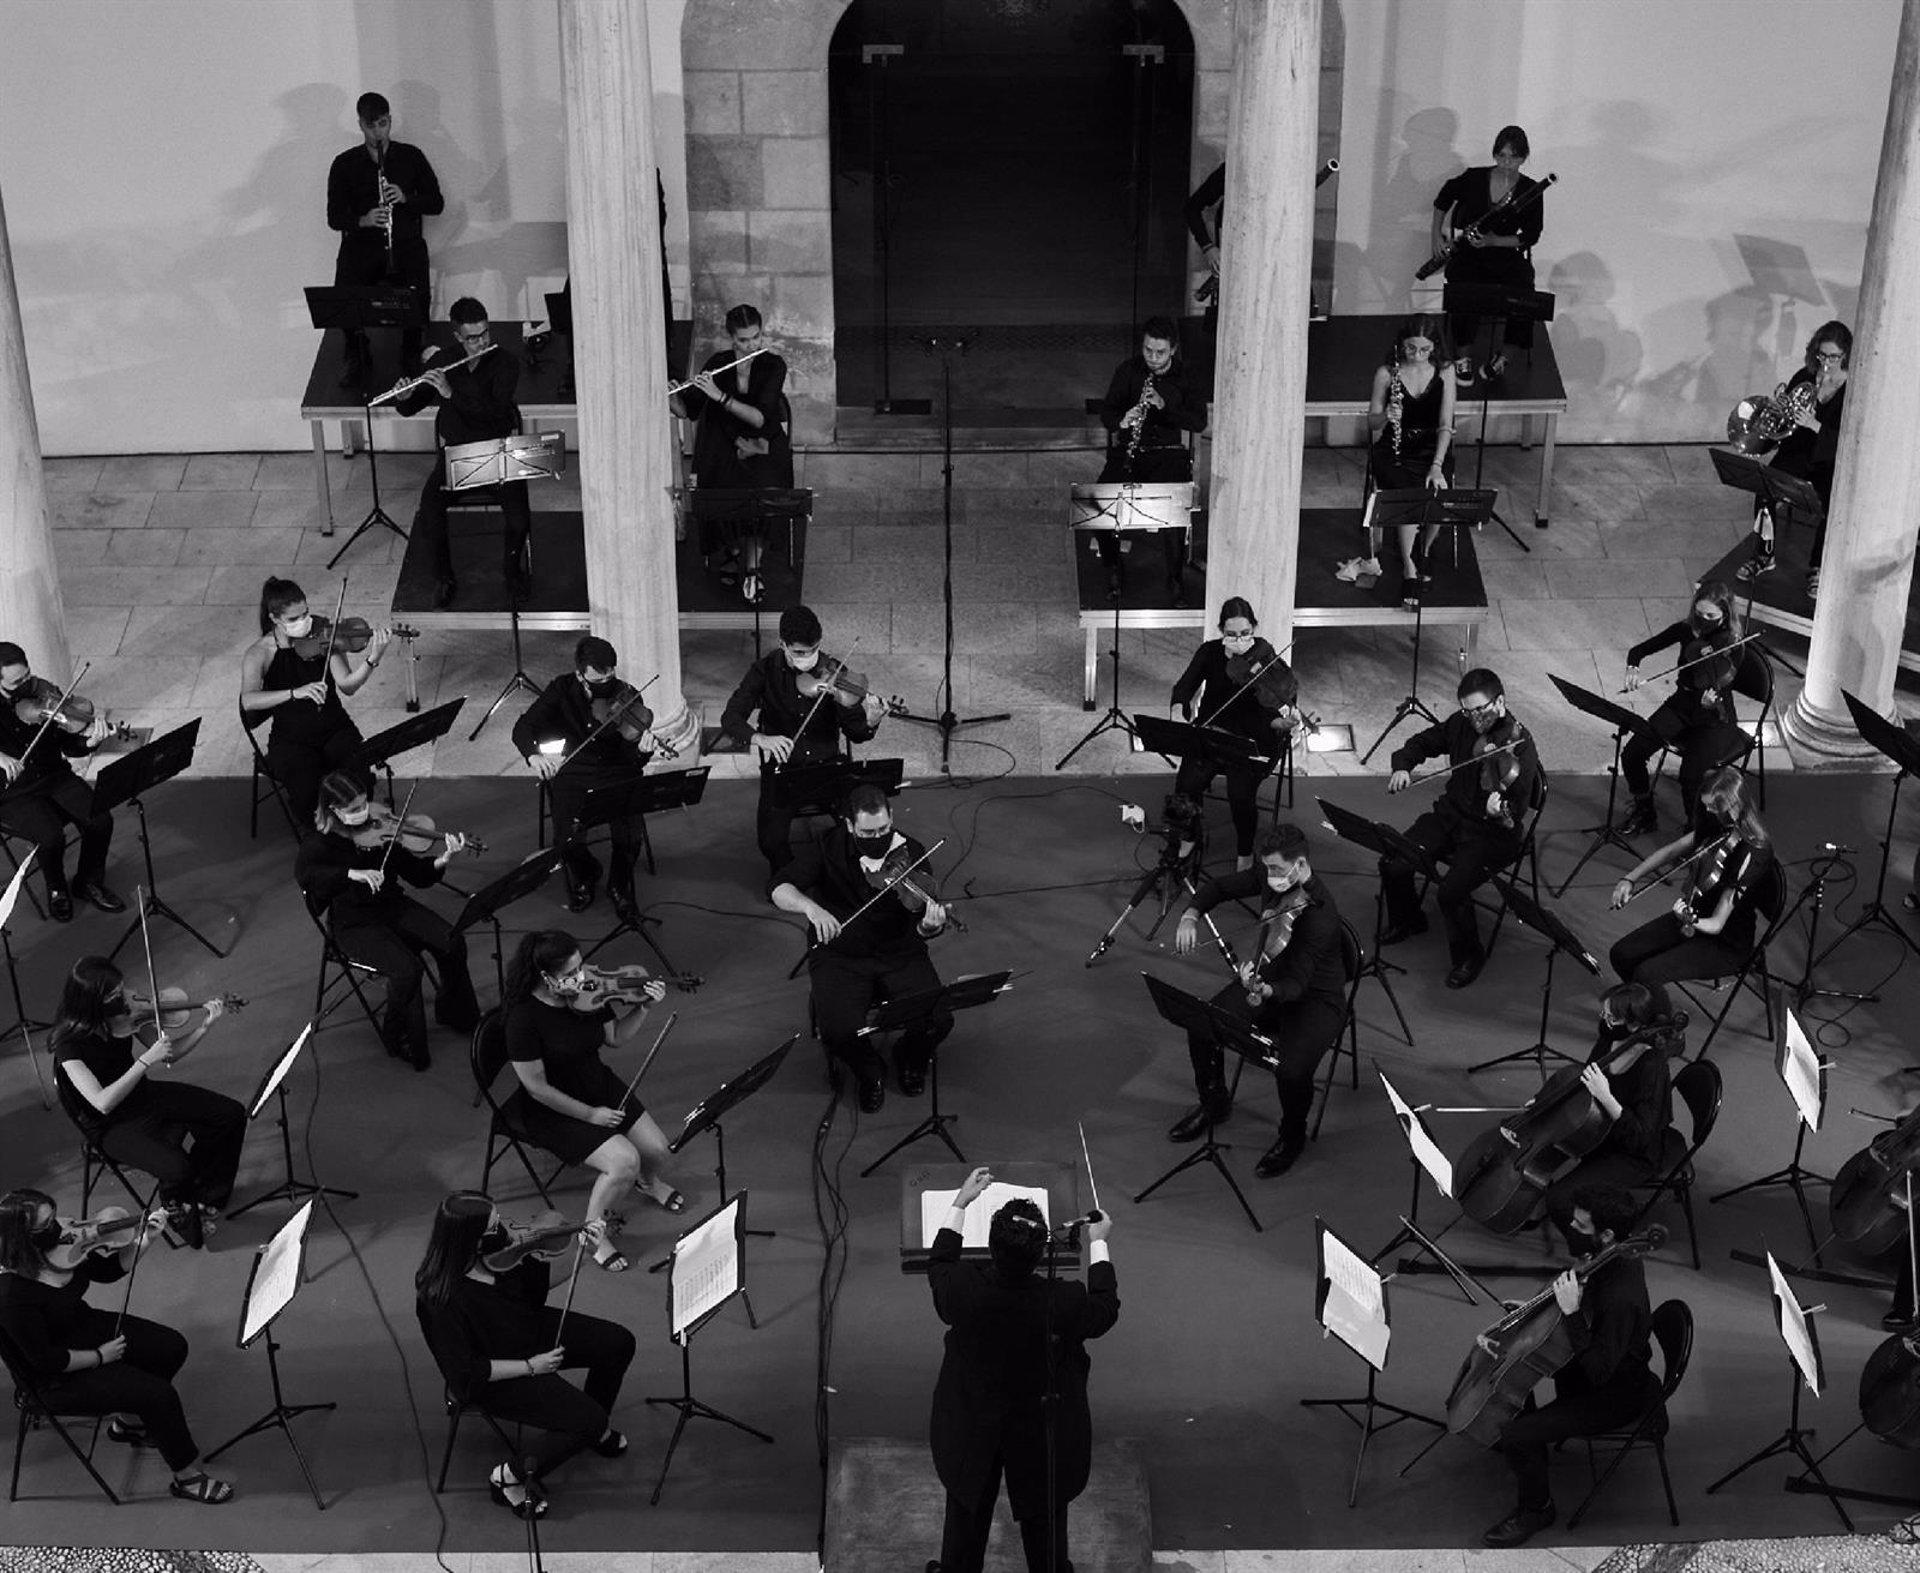 Recuerdan el aniversario de Falla con el estreno en formato audiovisual del 'Retablo de maese Pedro'